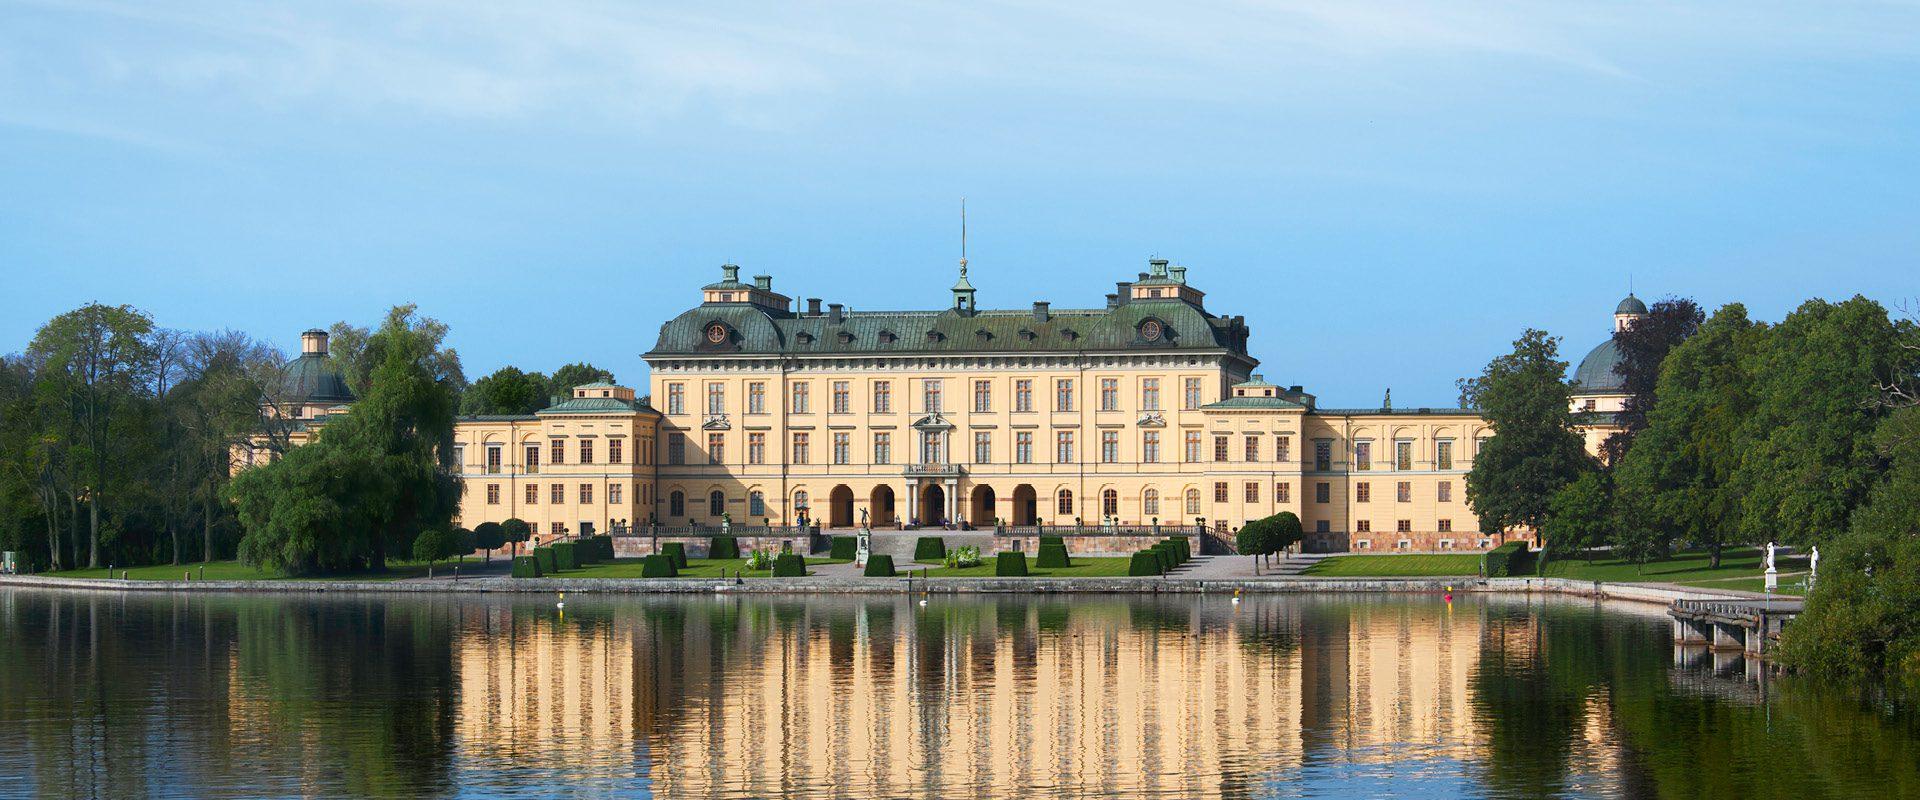 Palacio de Drottningholm - Viajeros con B - Estocolmo